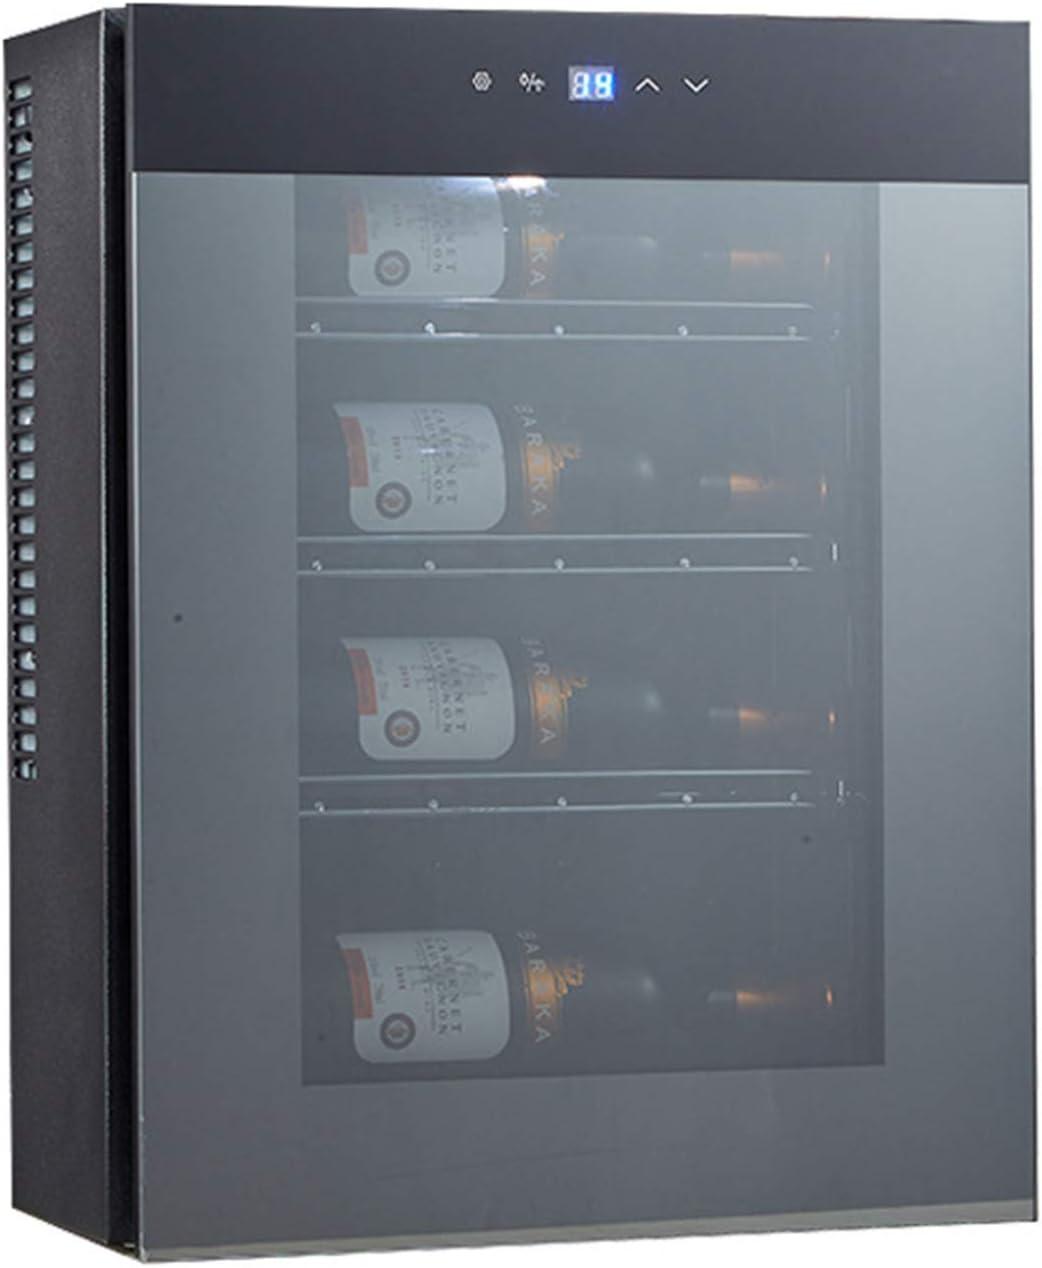 Vinoteca Refrigerador De Vino De 3-18 ° C, Bodega De Bebidas con Puerta De Vidrio Puede Contener Cuatro Botellas De Vino Tinto 65W